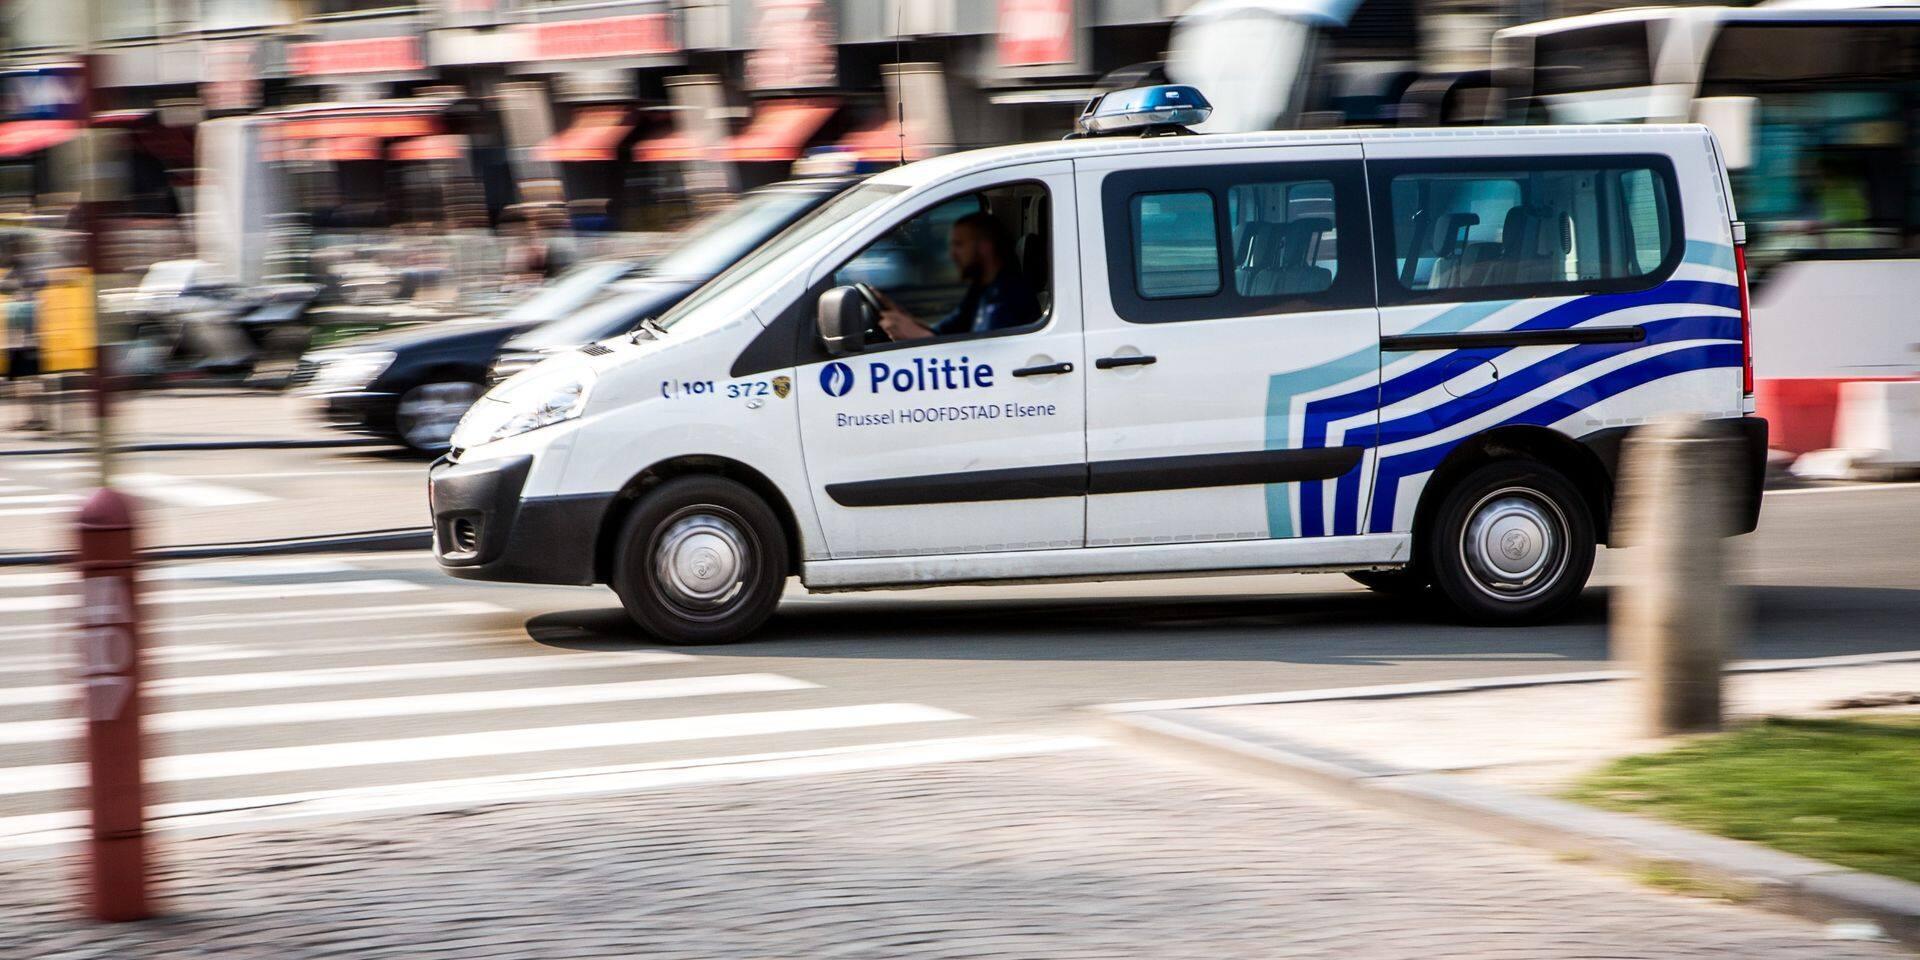 Un mort et un blessé grave dans un accident de la route à Leuze-en-Hainaut